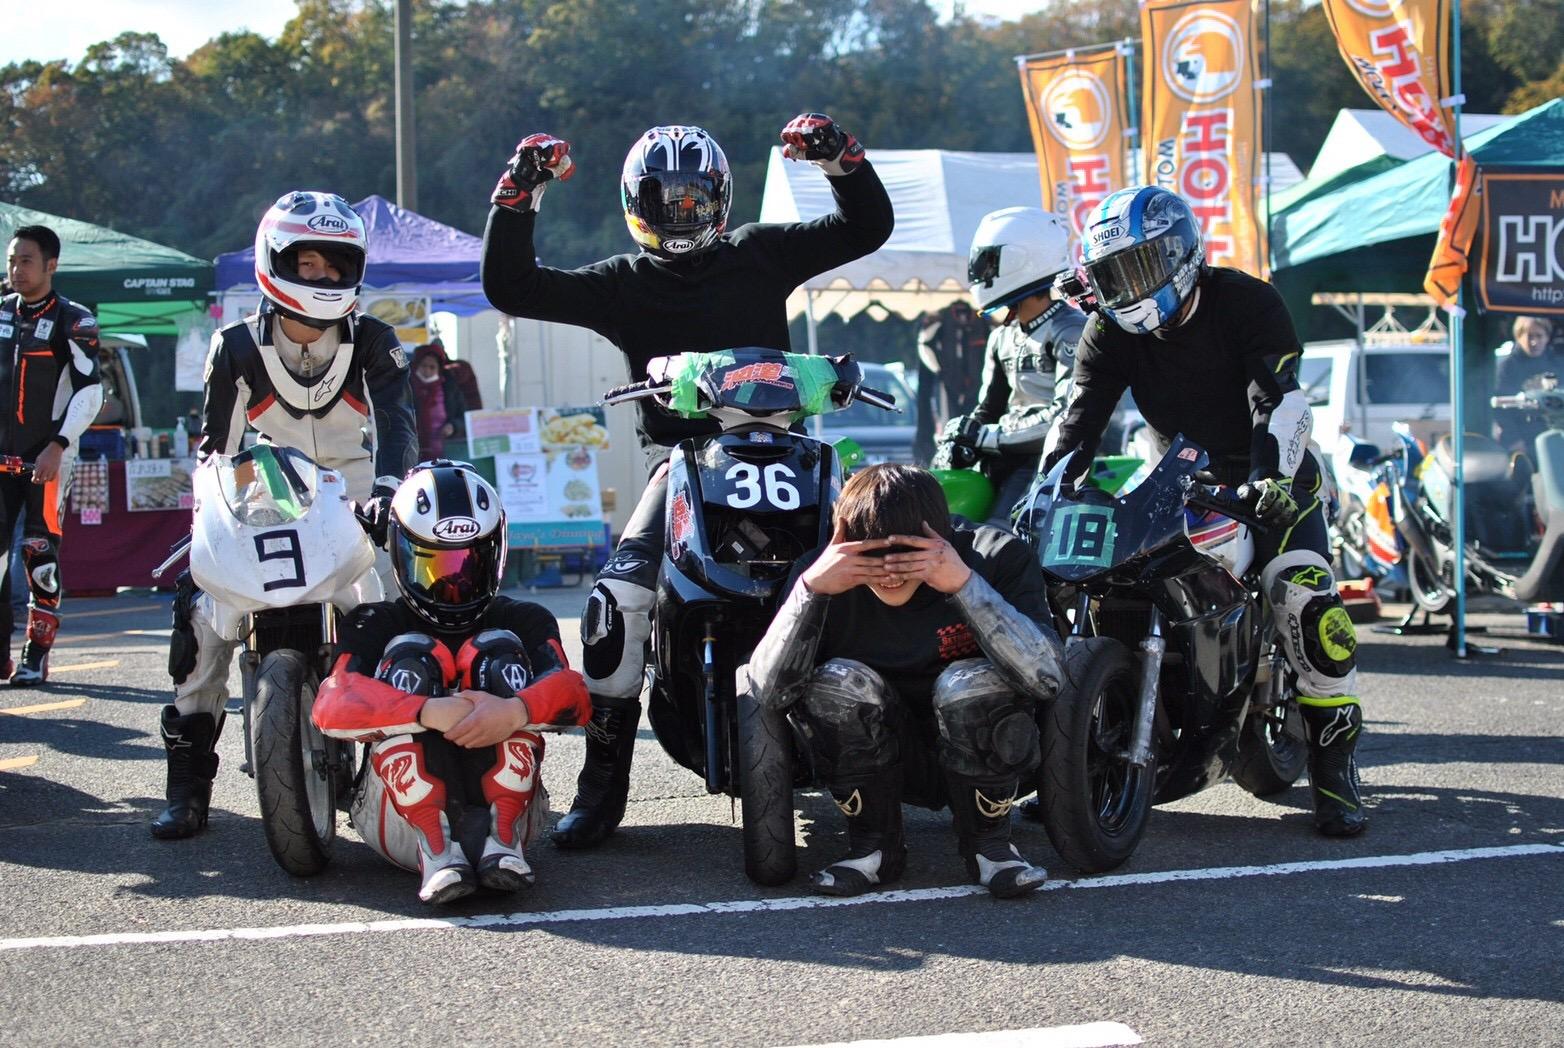 24-3-02モータースポーツ部(写真).png